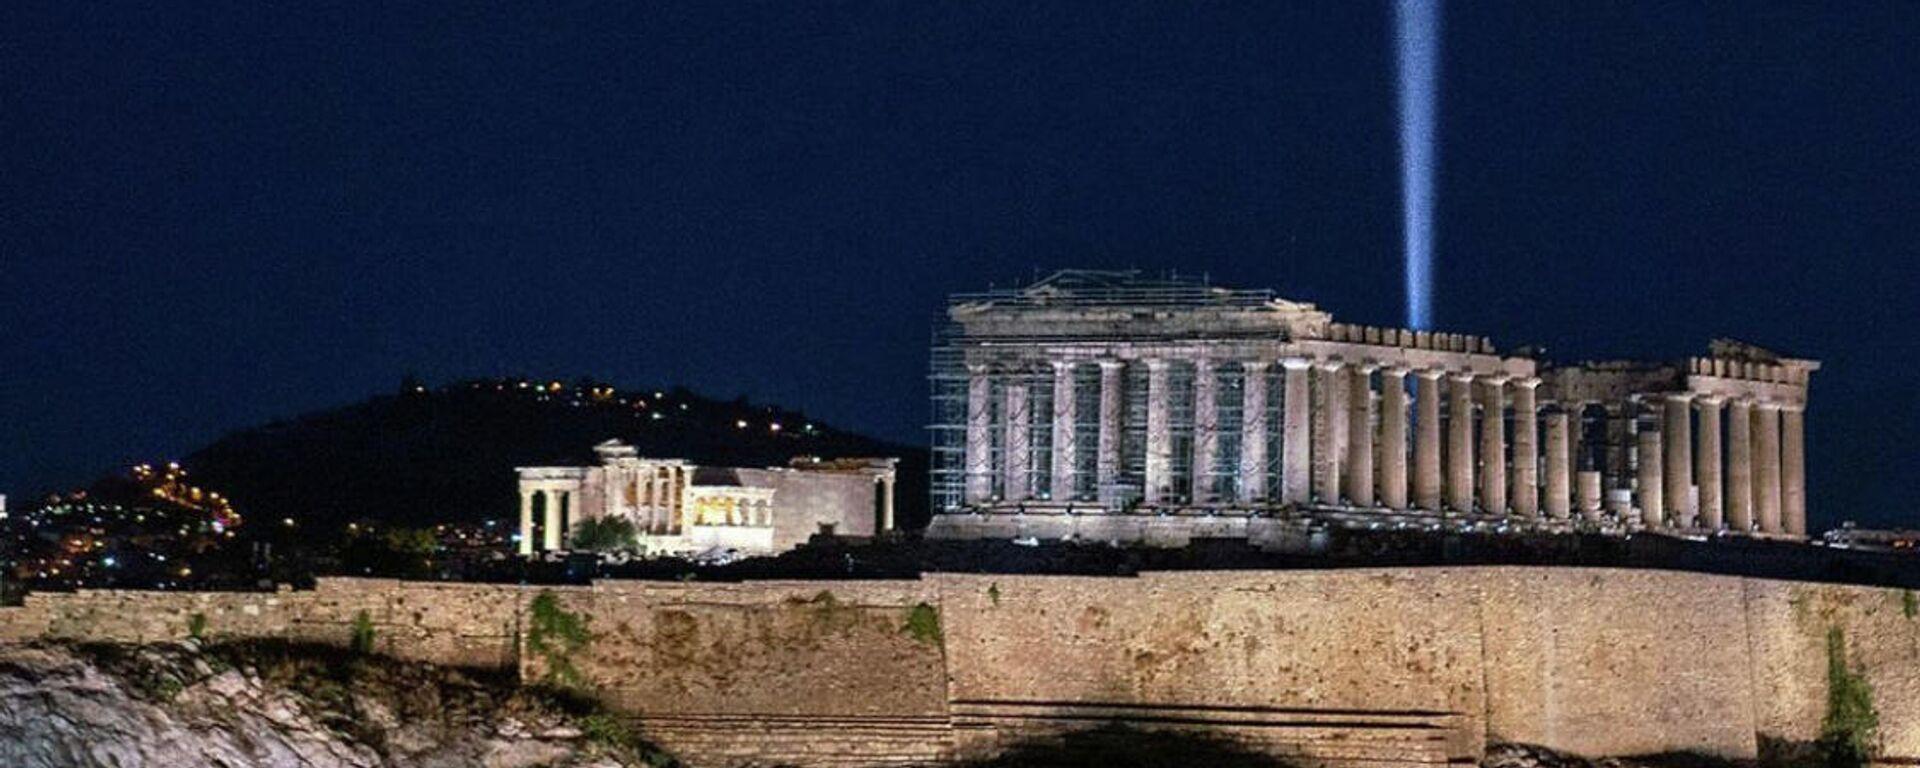 Το 1ο βραβείο για τον φωτισμό της εκδήλωσης απόδοσης του φωτισμού - Sputnik Ελλάδα, 1920, 11.10.2021